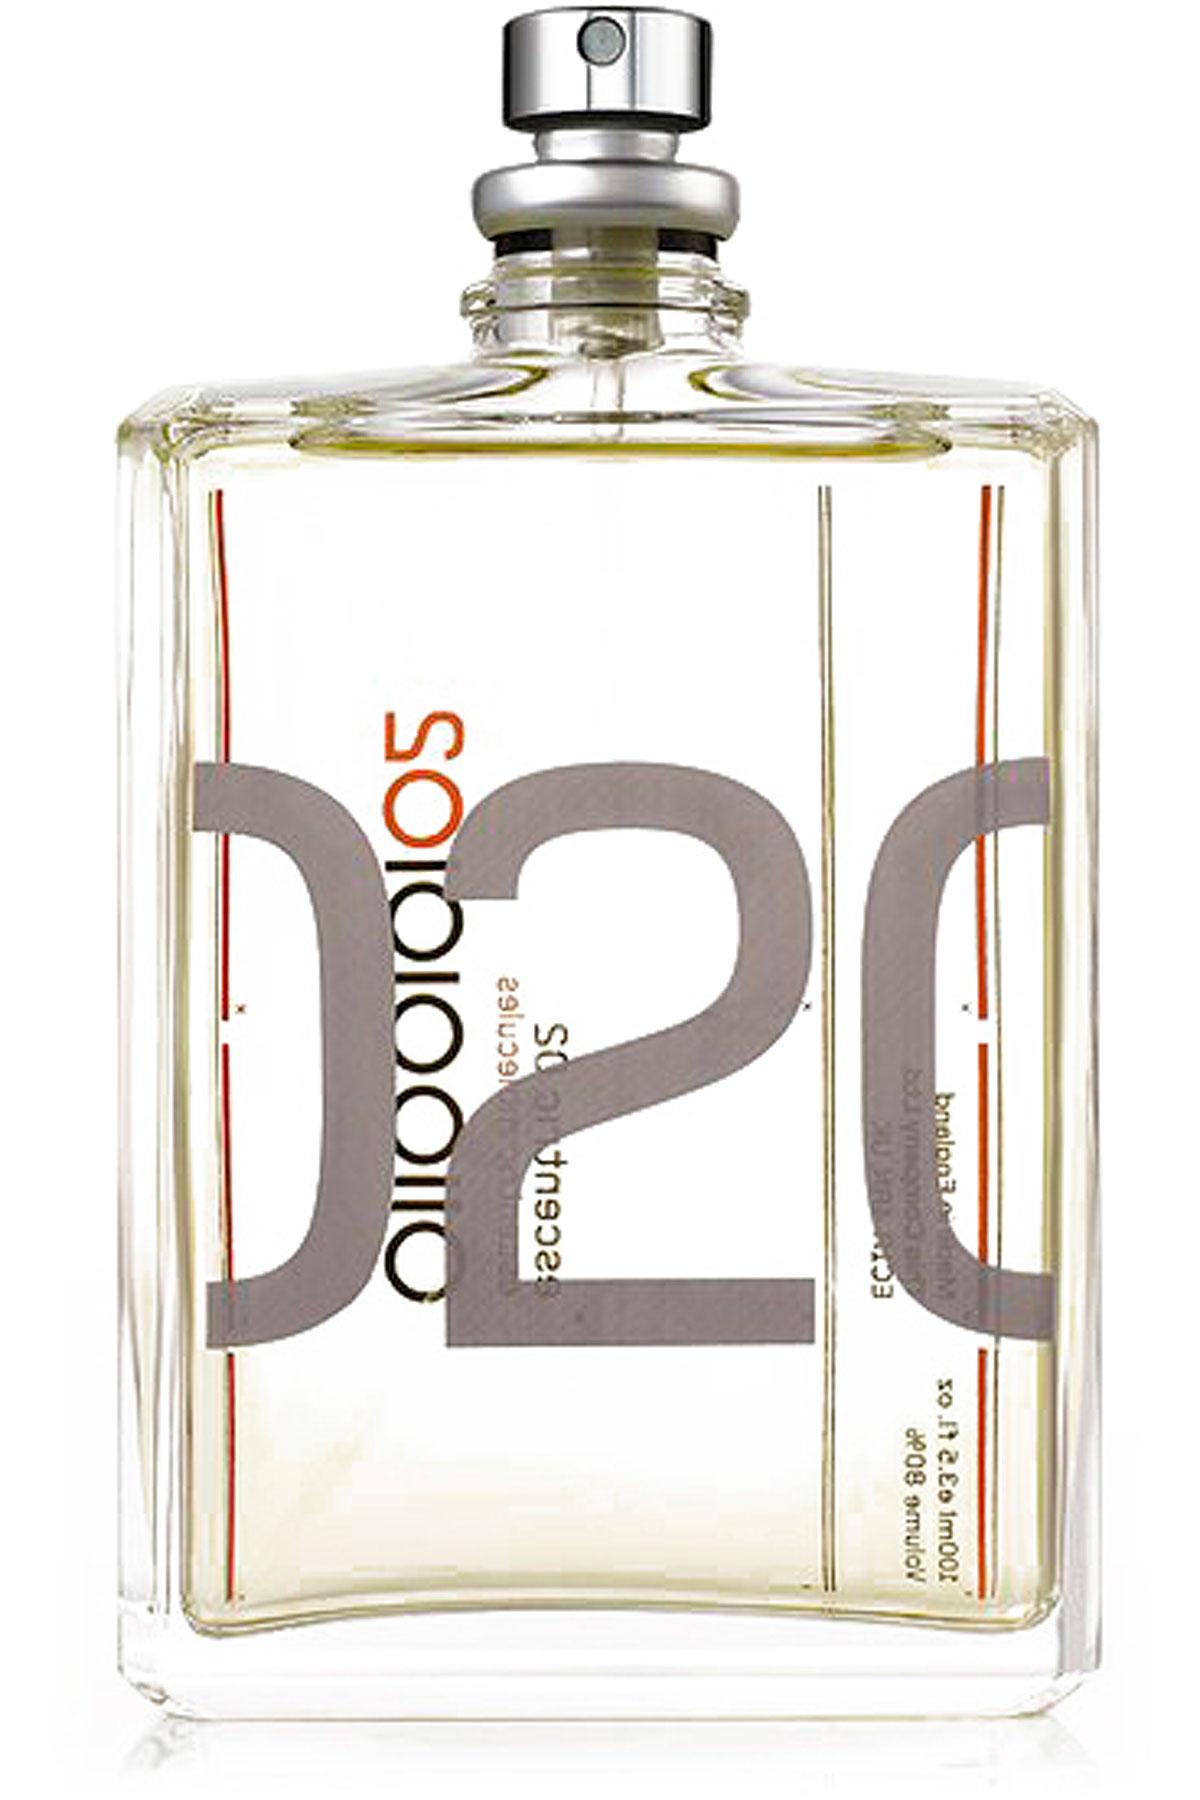 Escentric Molecules Fragrances for Women, Escentric 02 - Eau De Parfum - 100 Ml, 2019, 100 ml